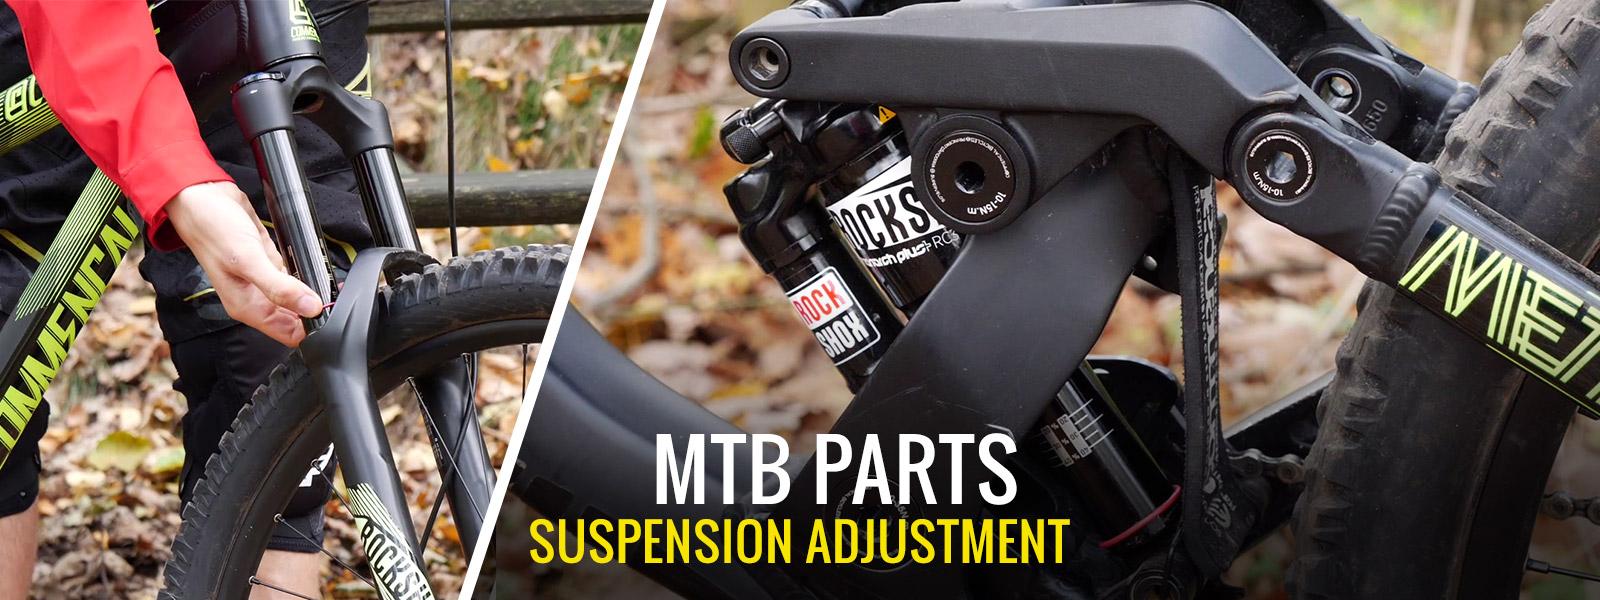 Suspension Adjustment